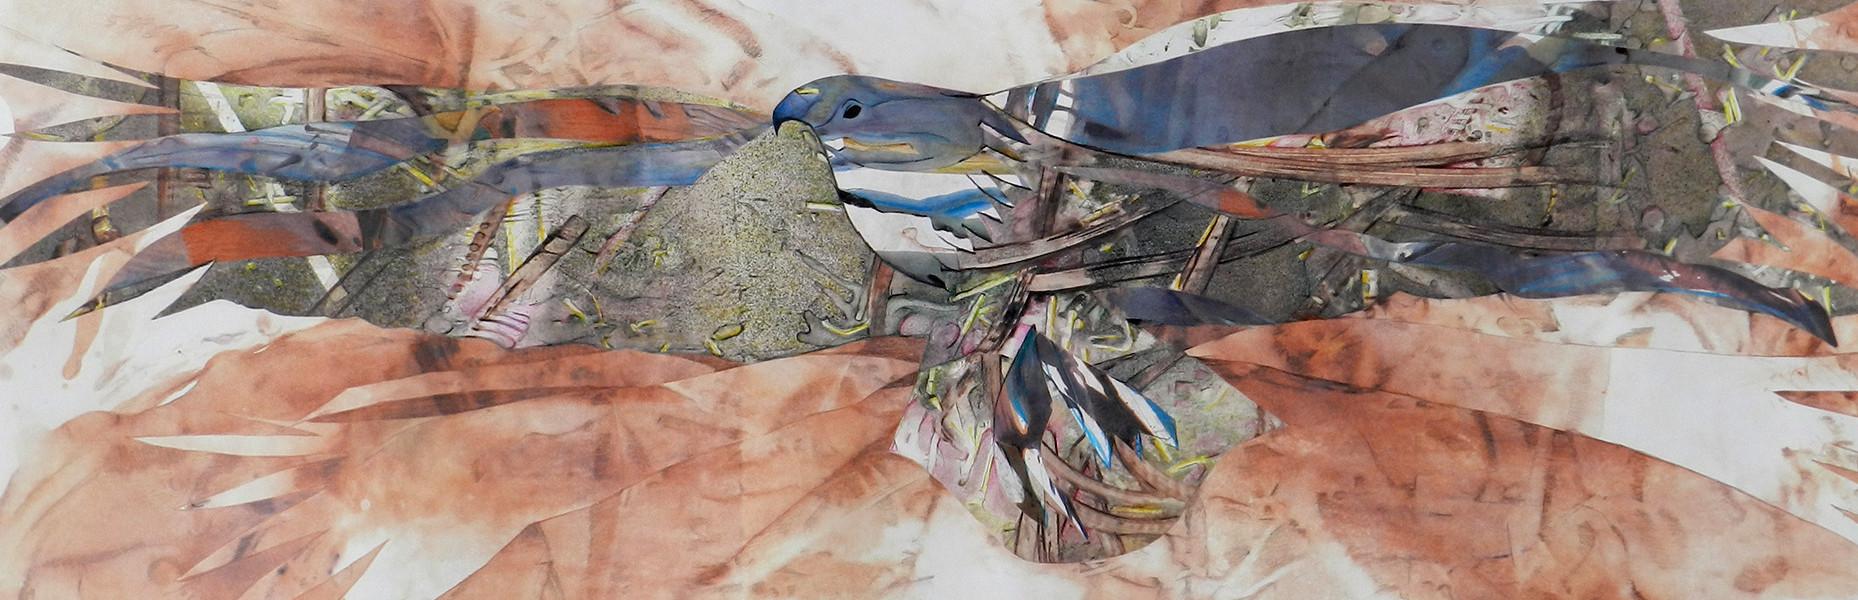 À l'affût image paul duval artiste Sherbrooke Québec dessin à la poudre photocopieur